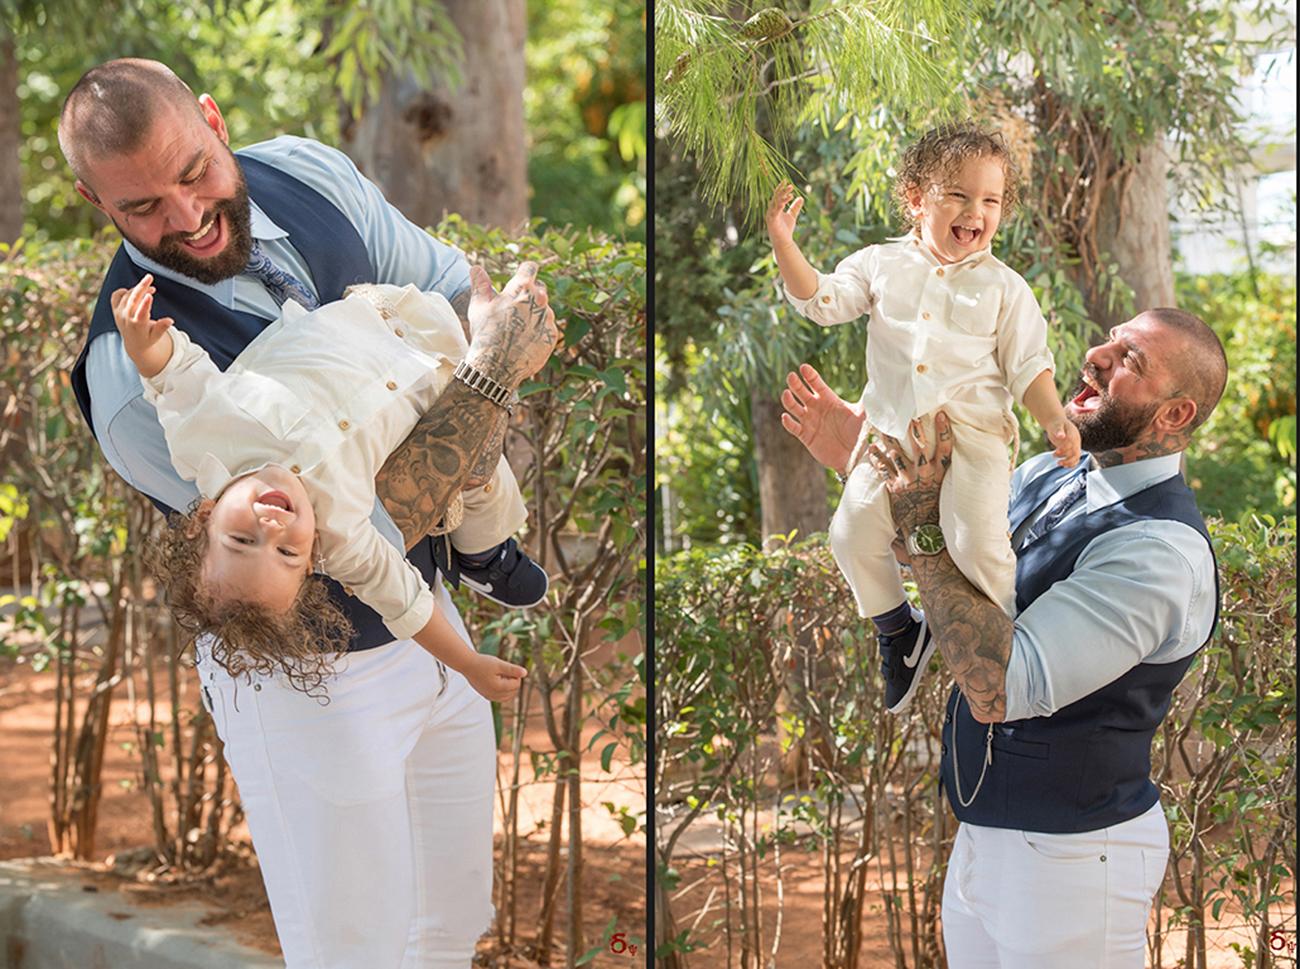 φωτογραφιση βαπτισης Being selected to be a godparent is an immense honor sweet little boy boys baptism day νονος christening day  happy faces smiles and hugs